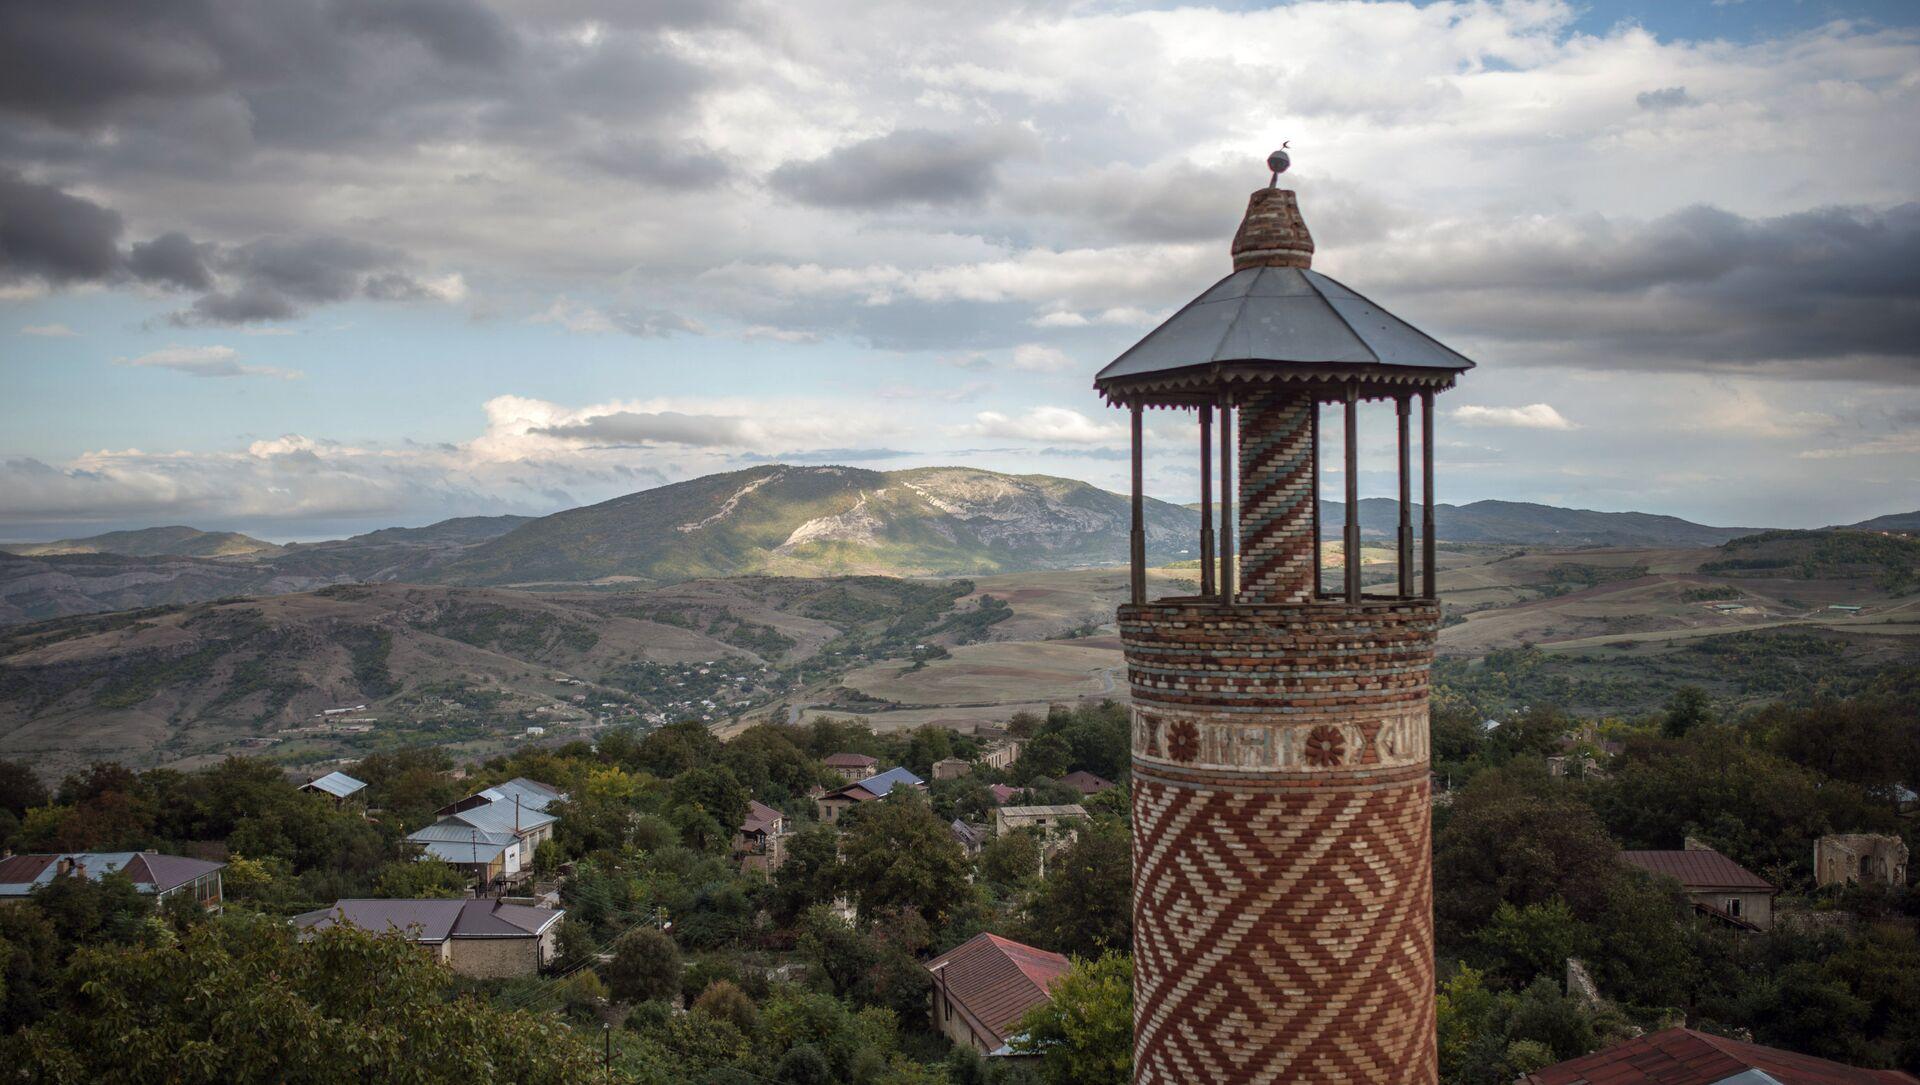 Минарет мечети, пострадавшей в ходе войны, в городе Шуши, Нагорный Карабах. - Sputnik Արմենիա, 1920, 29.07.2021